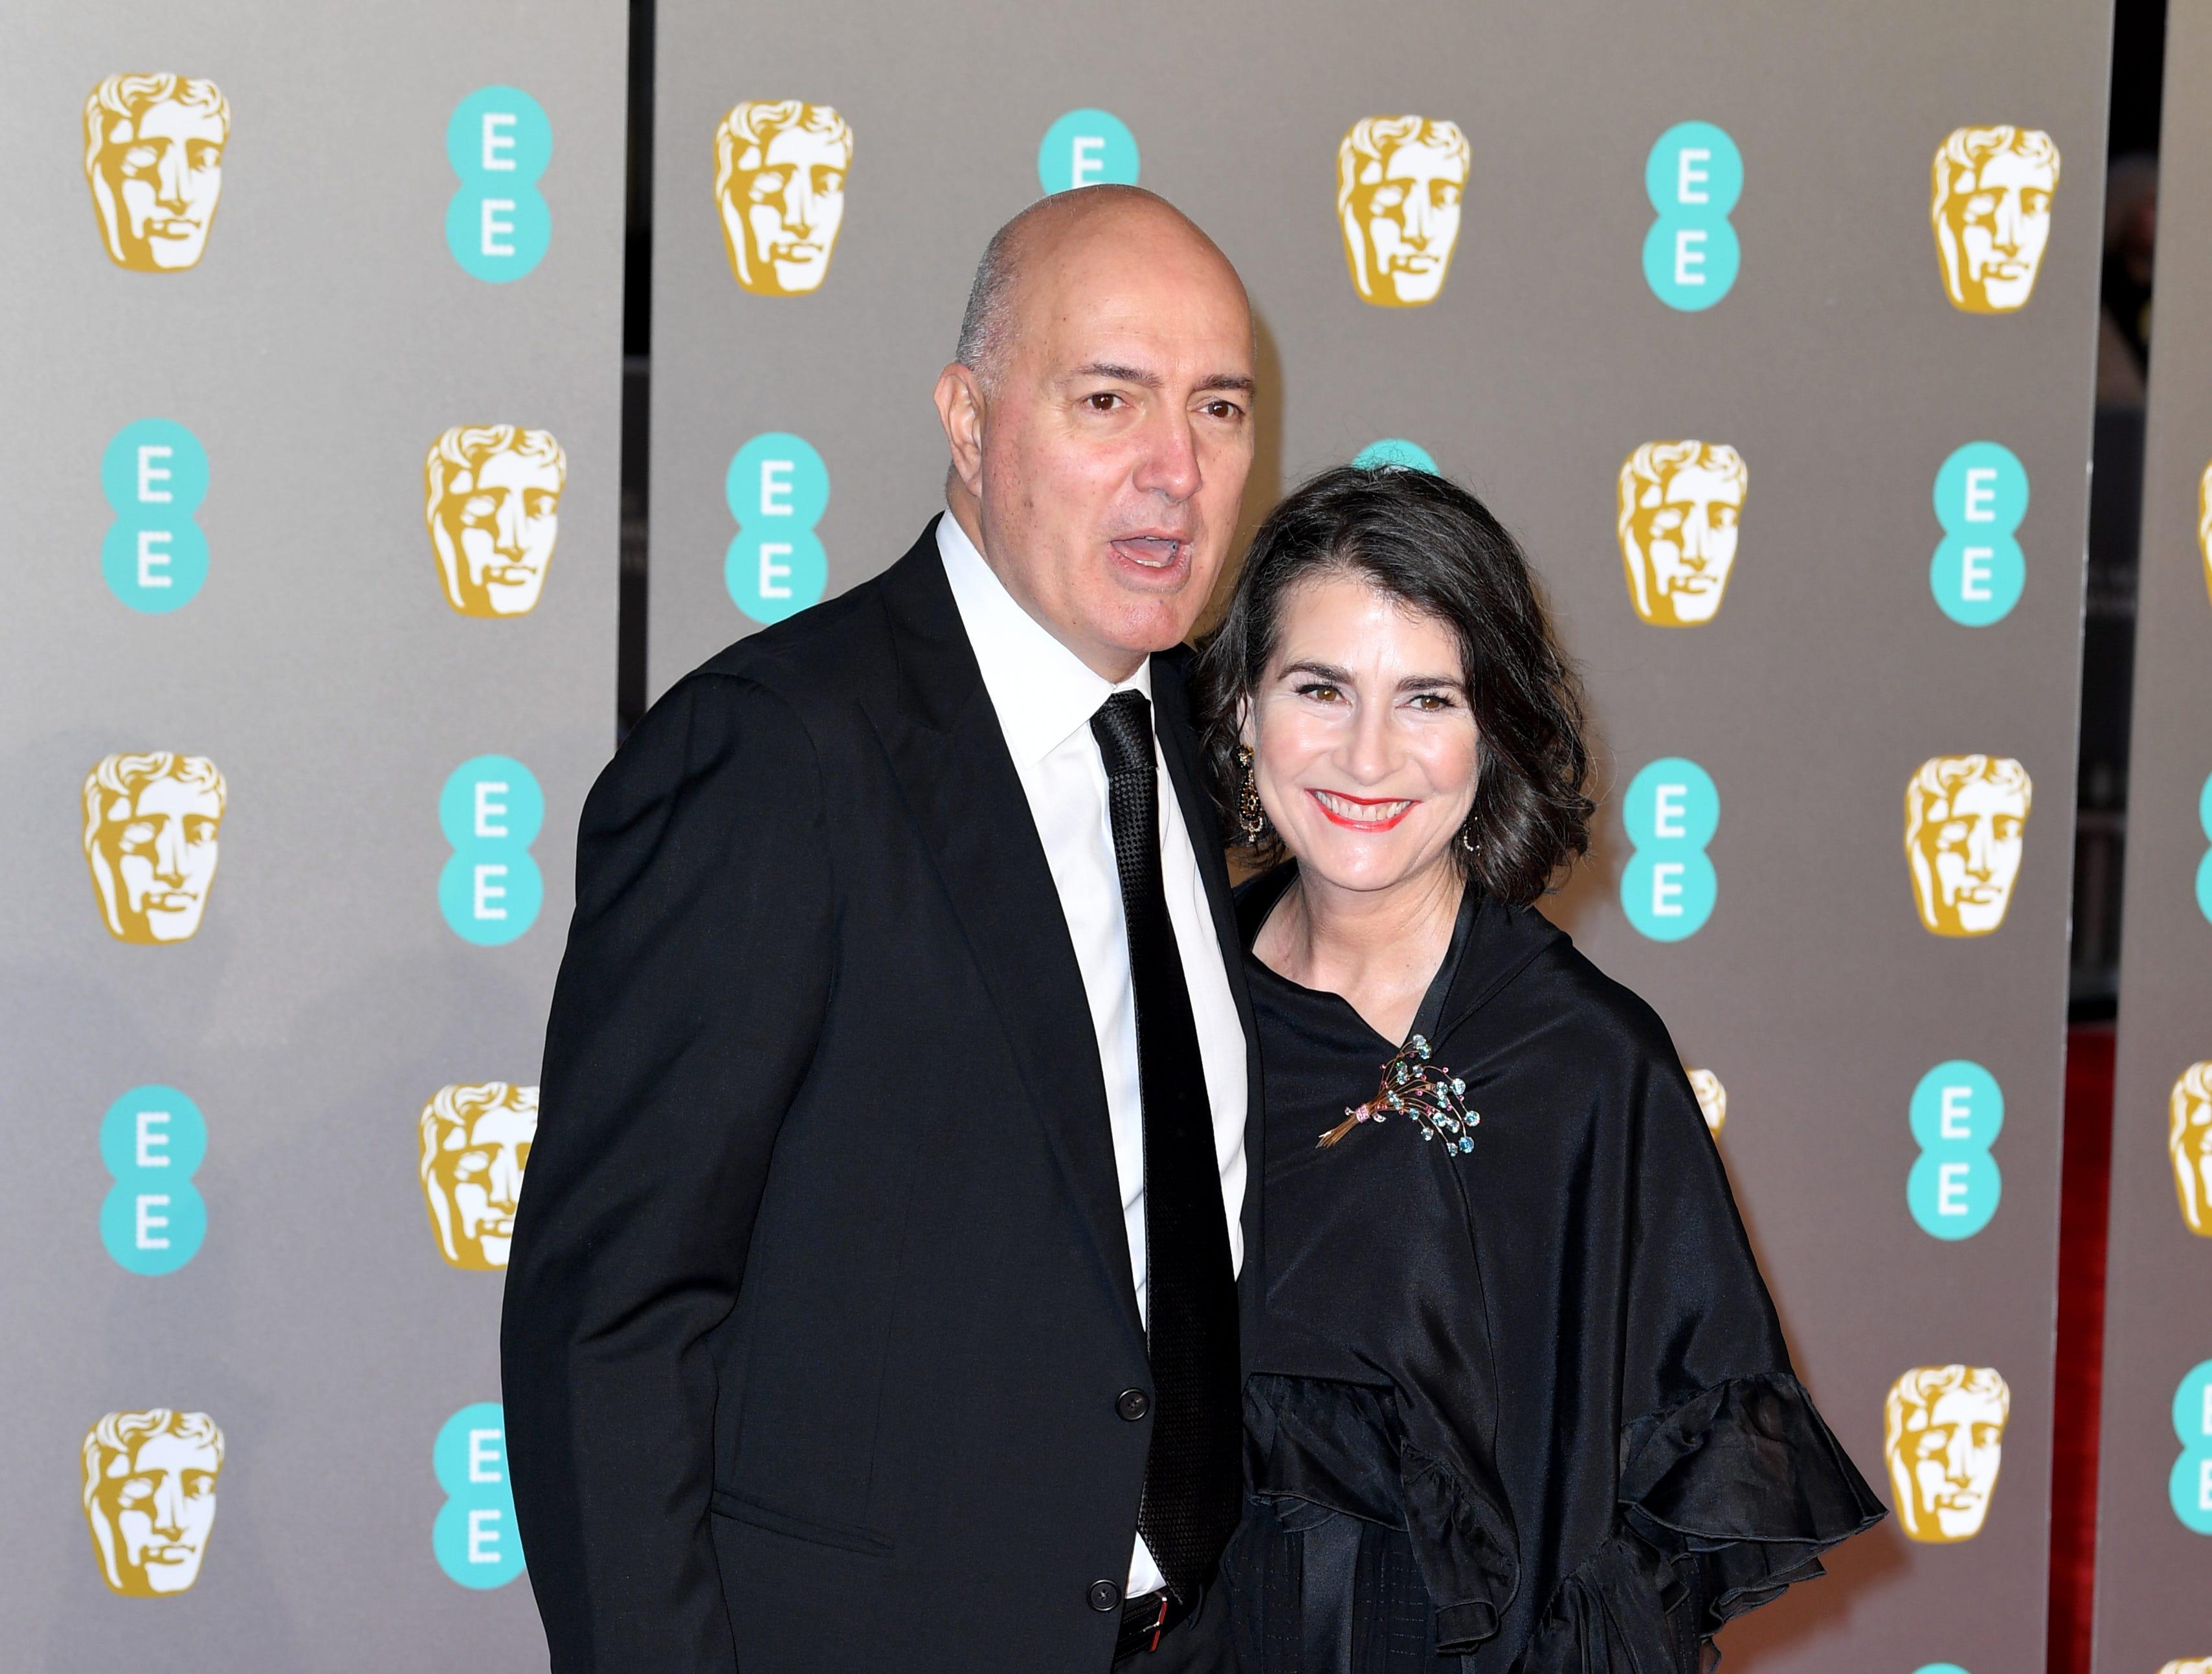 Roger Guyett y su invitada a su llegada a la alfombra roja de los Premios de la Academia Británica de Cine BAFTA en el Royal Albert Hall en Londres el 10 de febrero de 2019.